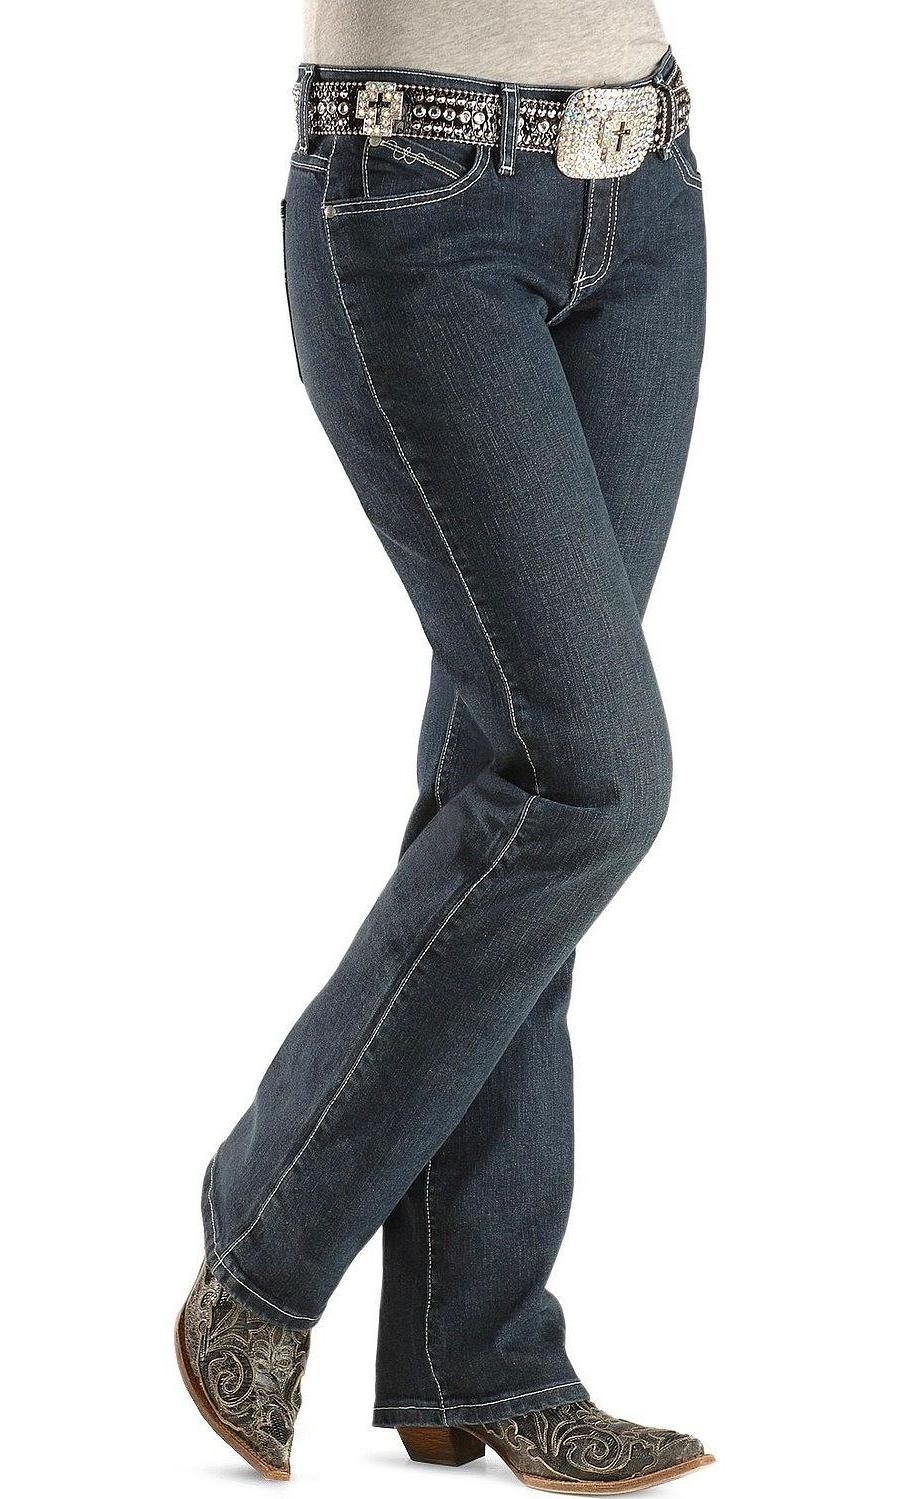 Wrangler - Wrangler Women's Jeans Q- Ultimate Riding - Wrq20au - Walmart.com